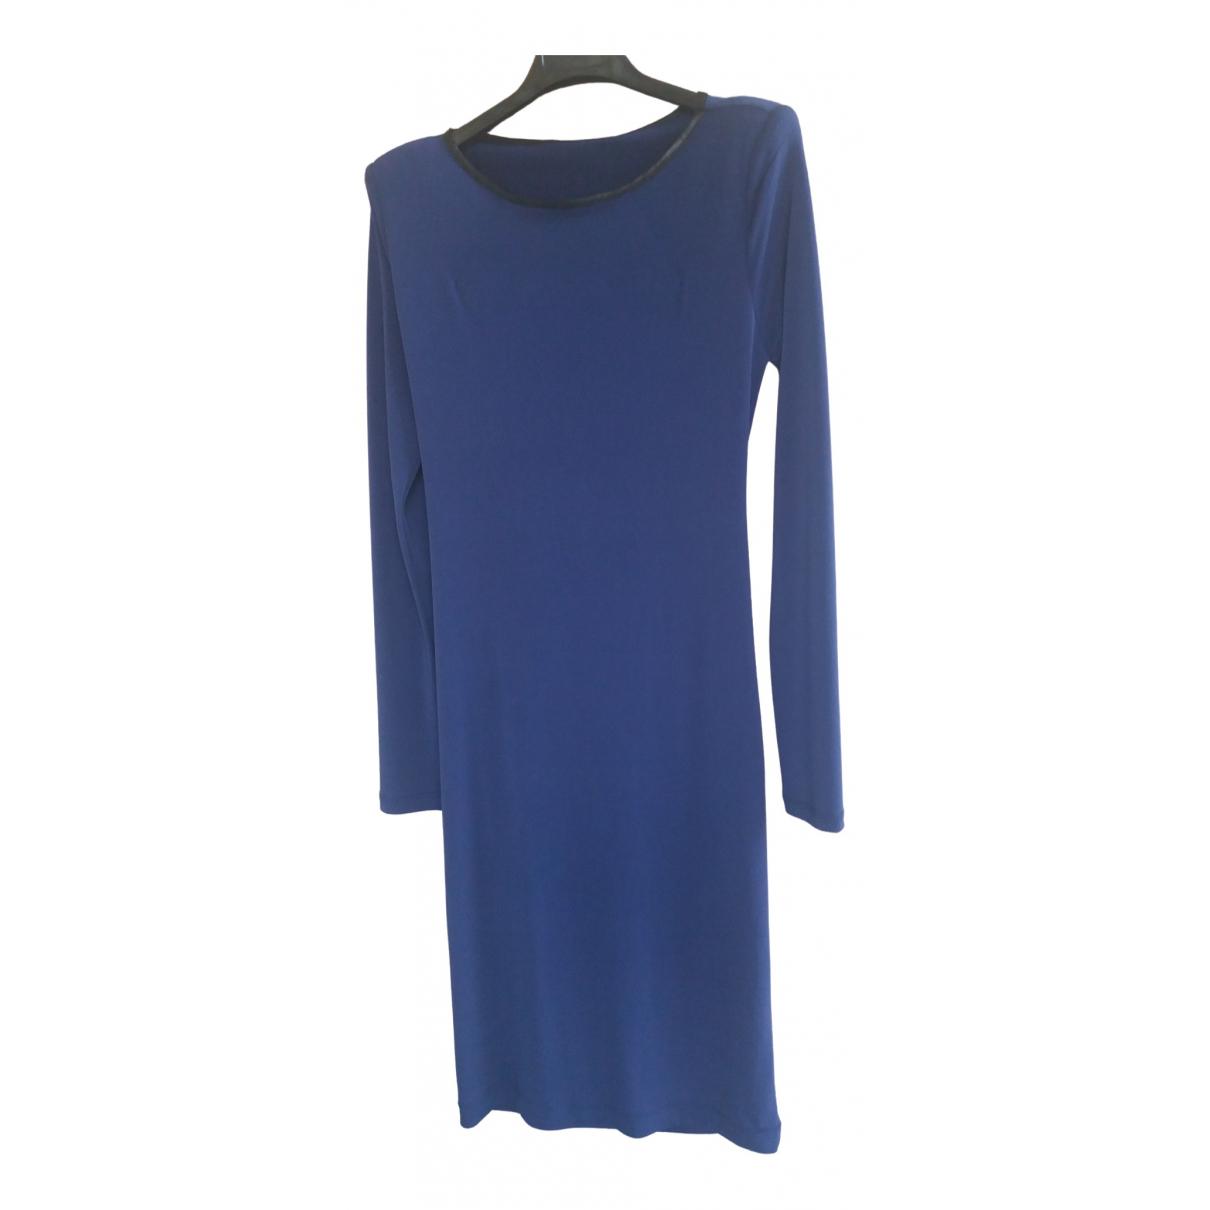 Imperial \N Kleid in  Blau Polyester